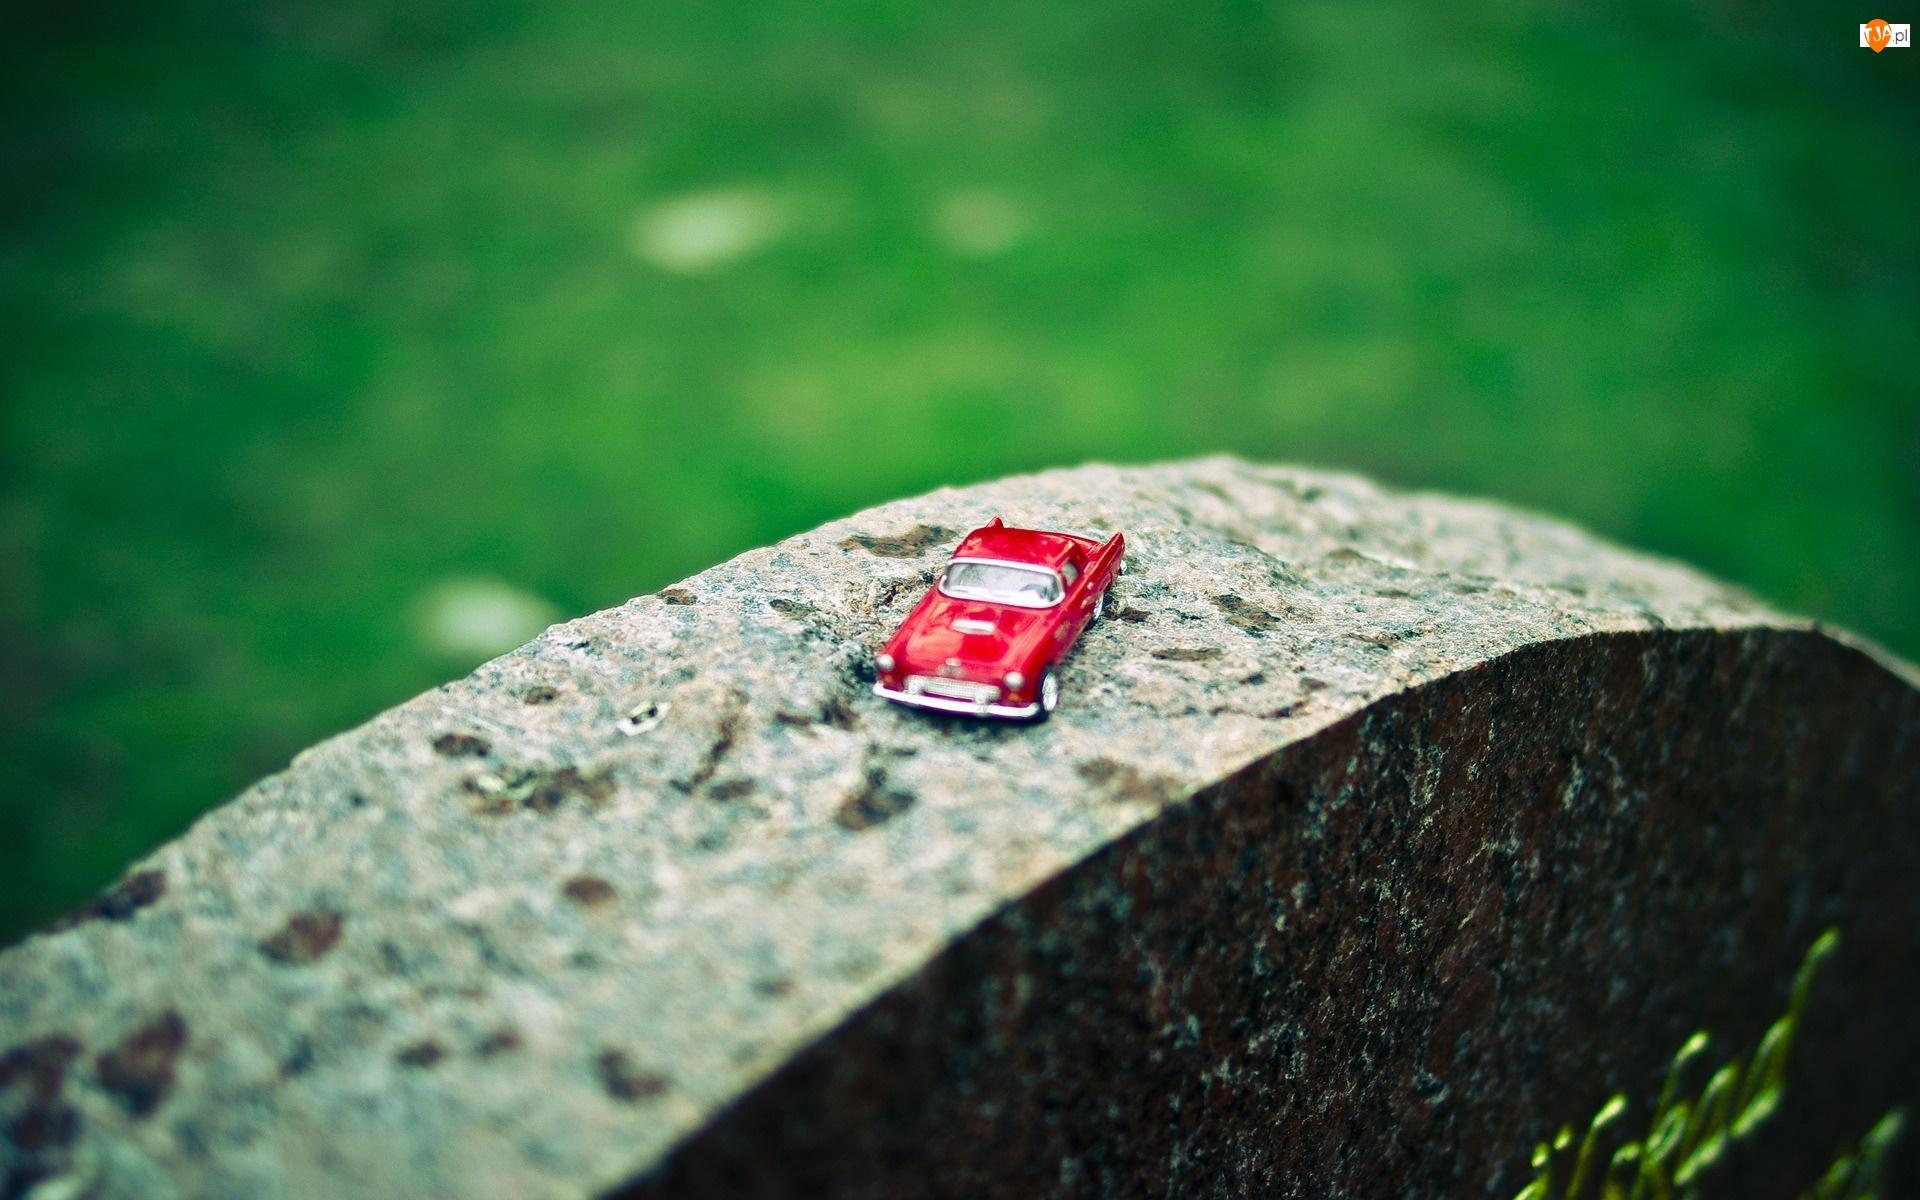 Kamień, Zabawka, Czerwony, Samochodzik